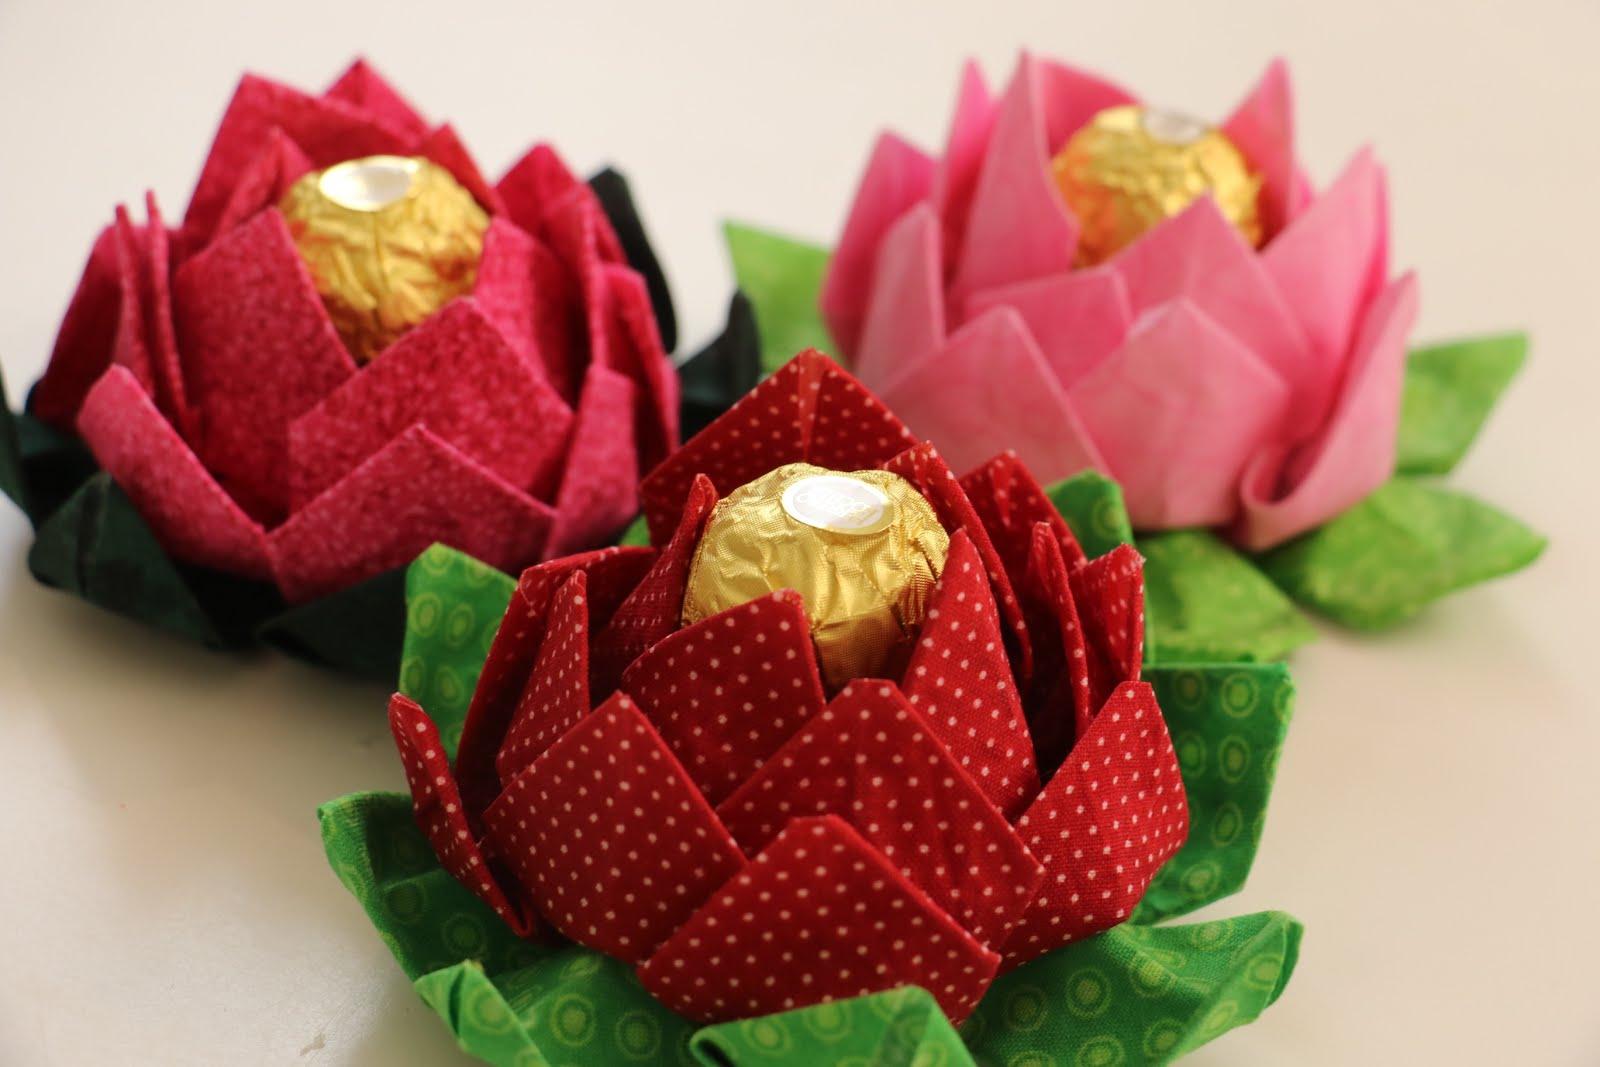 Idéia de Lembrancinha Para o dia Dos Namorados - Favors Idea!